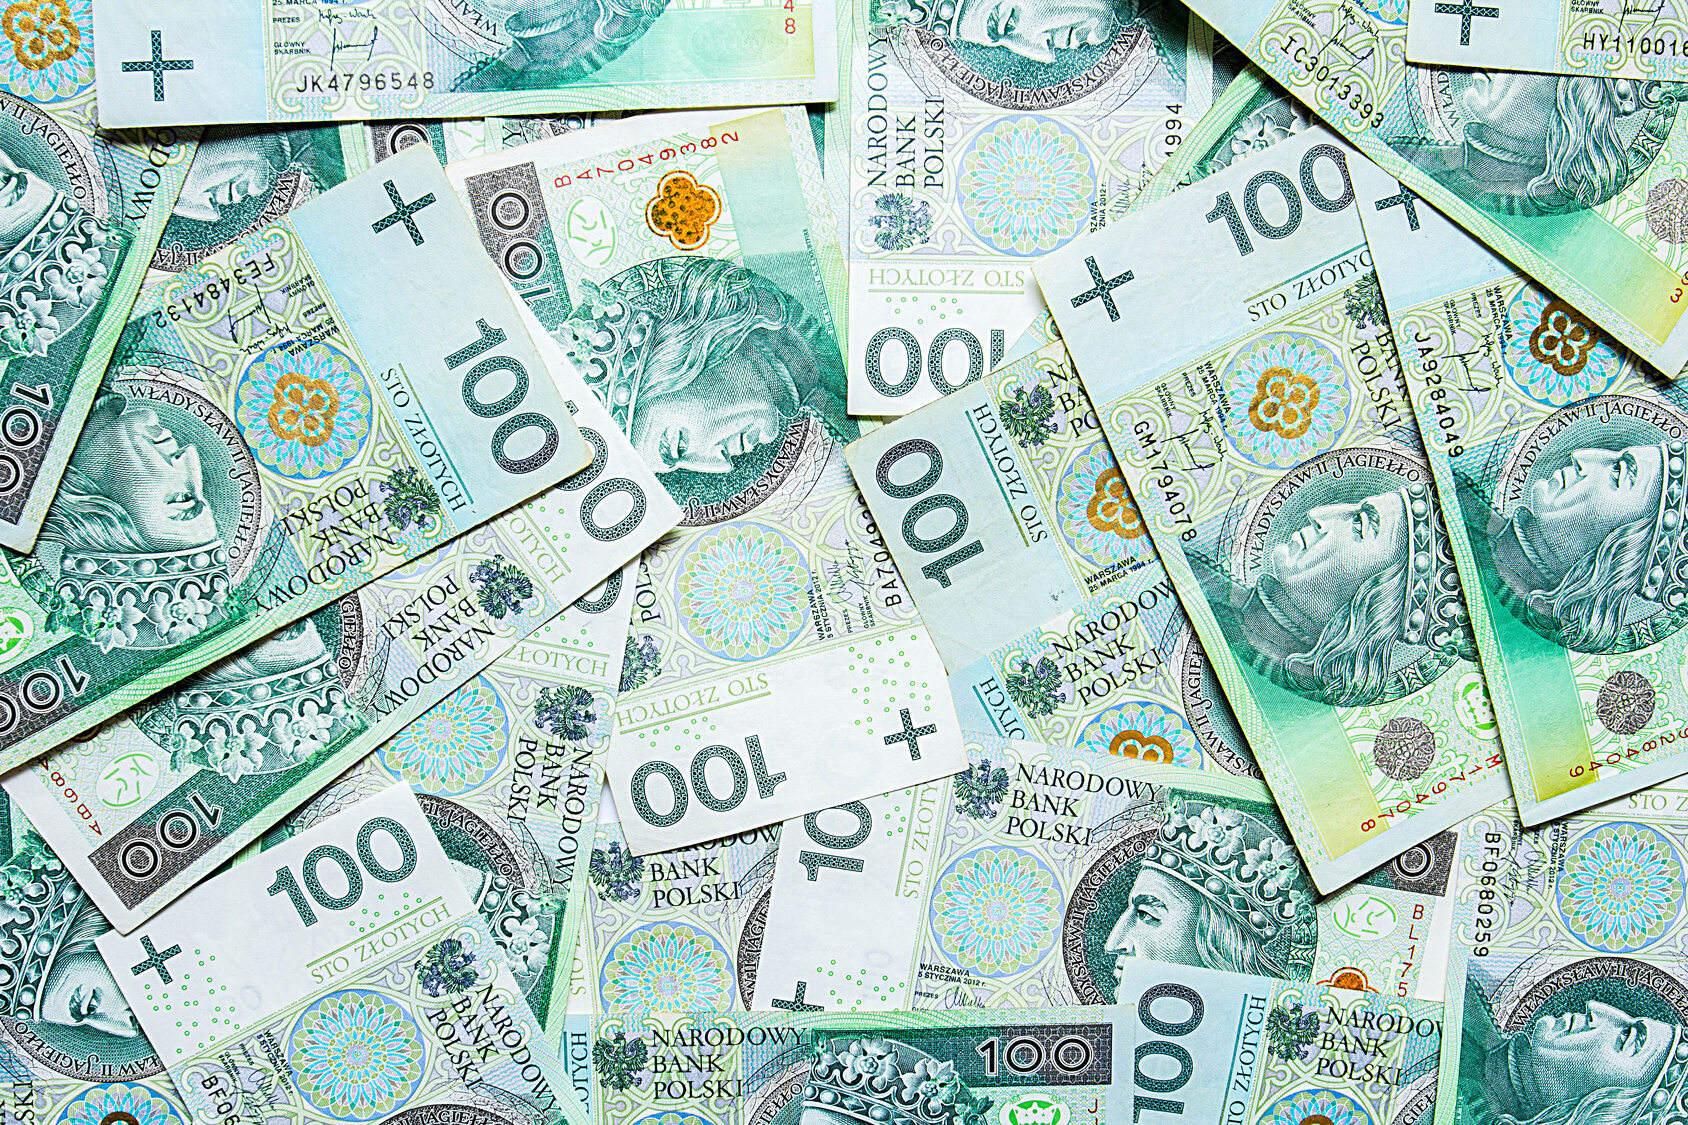 Polskie banknoty, zdjęcie ilustracyjne